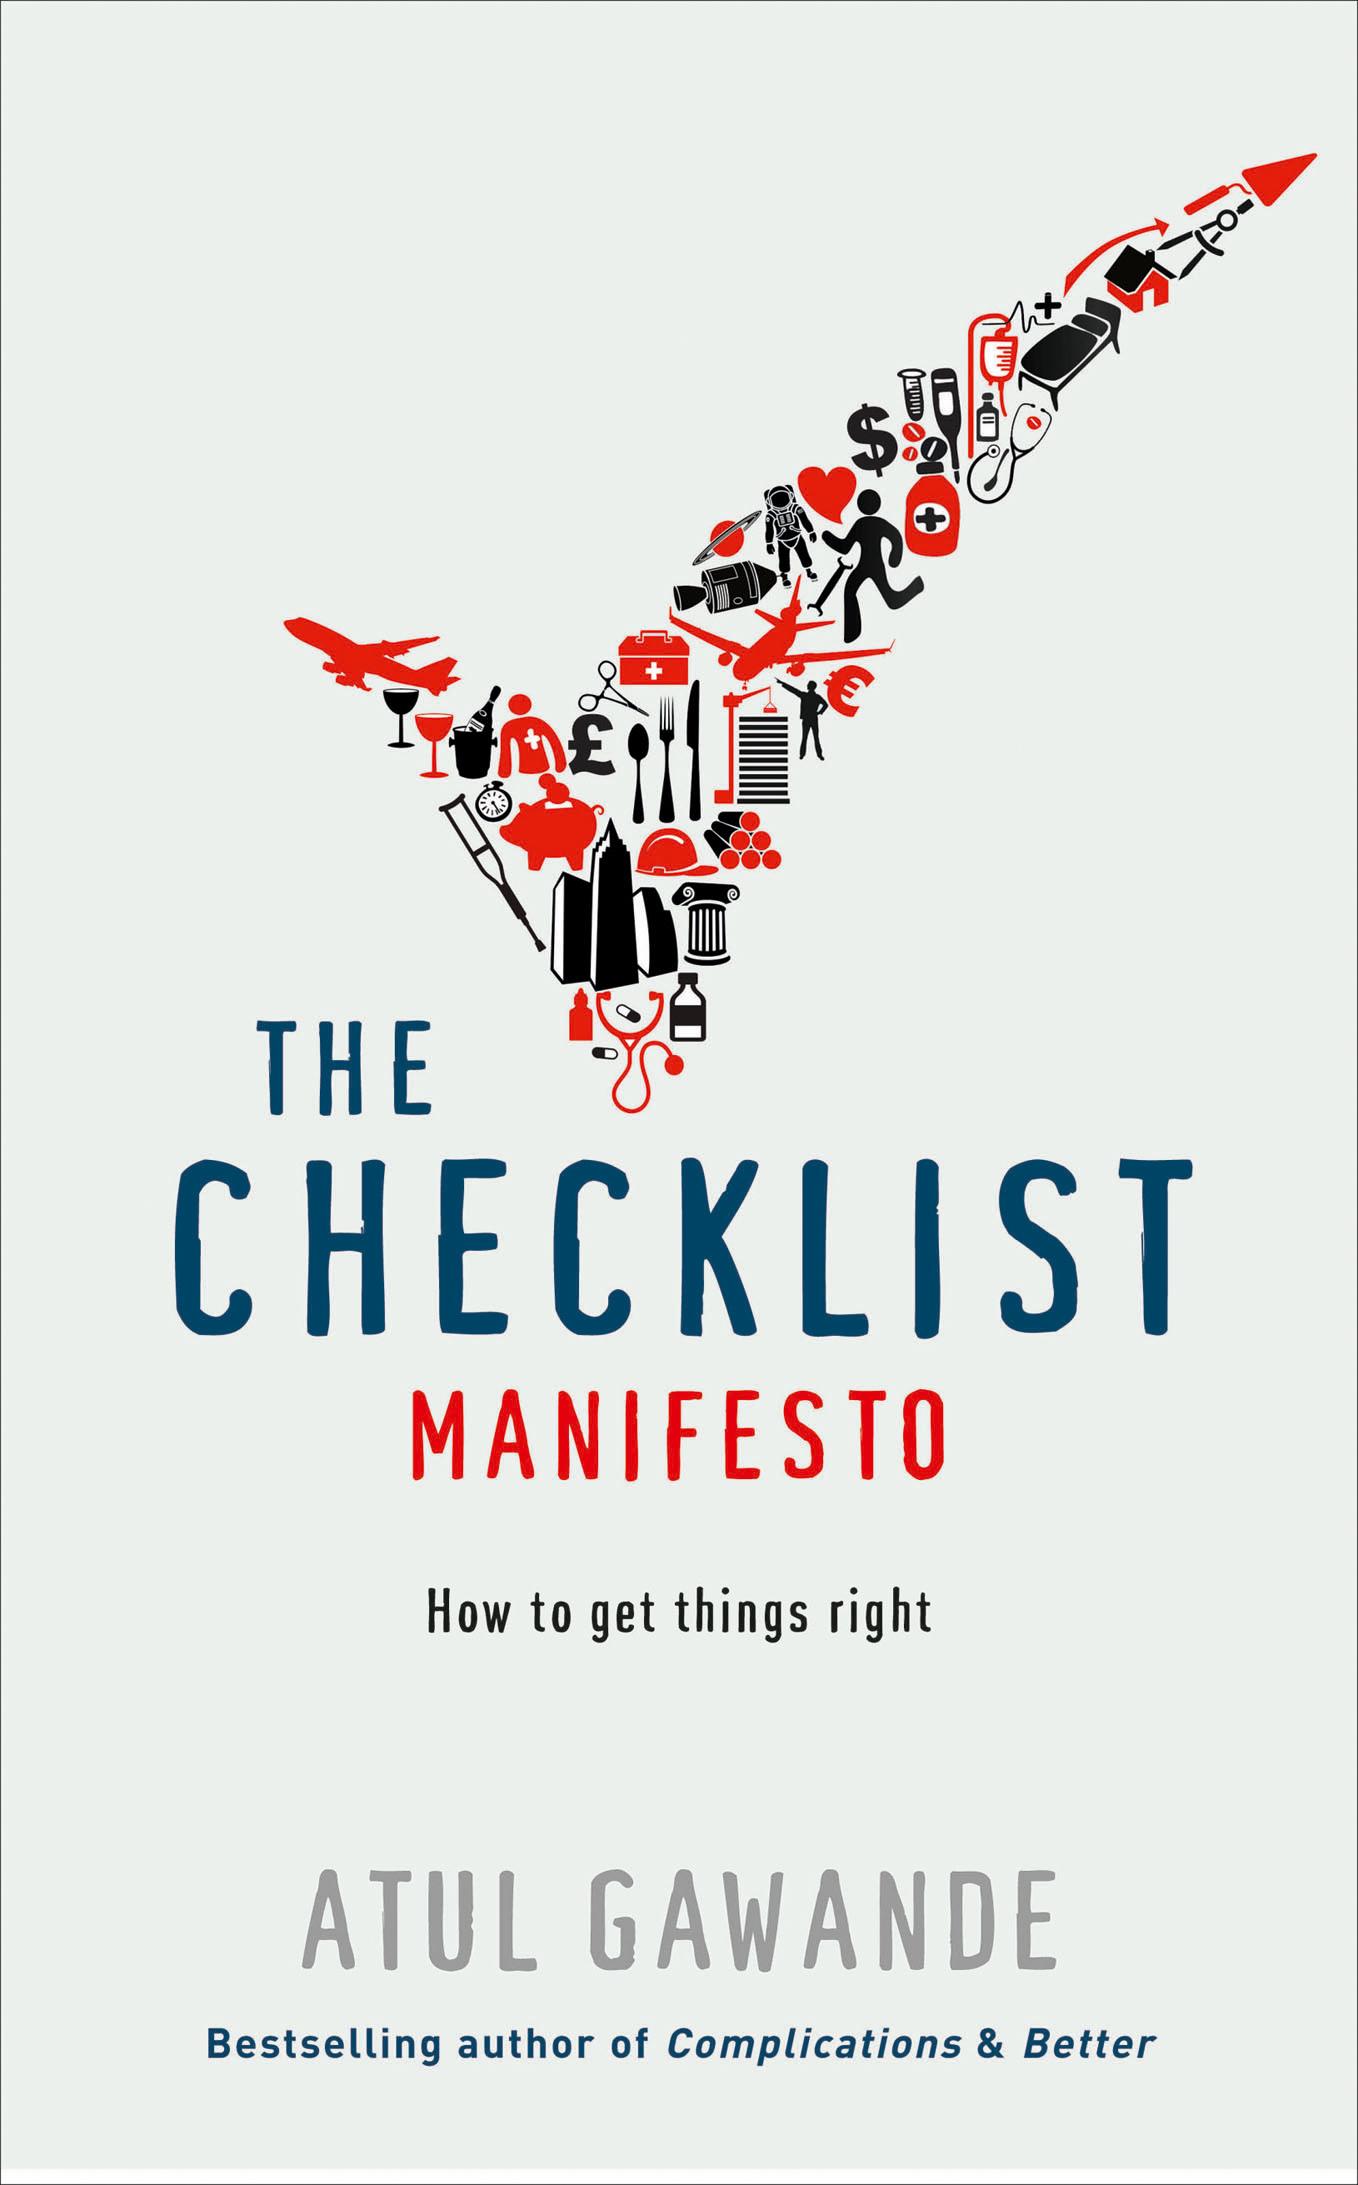 The Checklist Manifesto - Atul Gawande - 9781846683138 - Allen ...